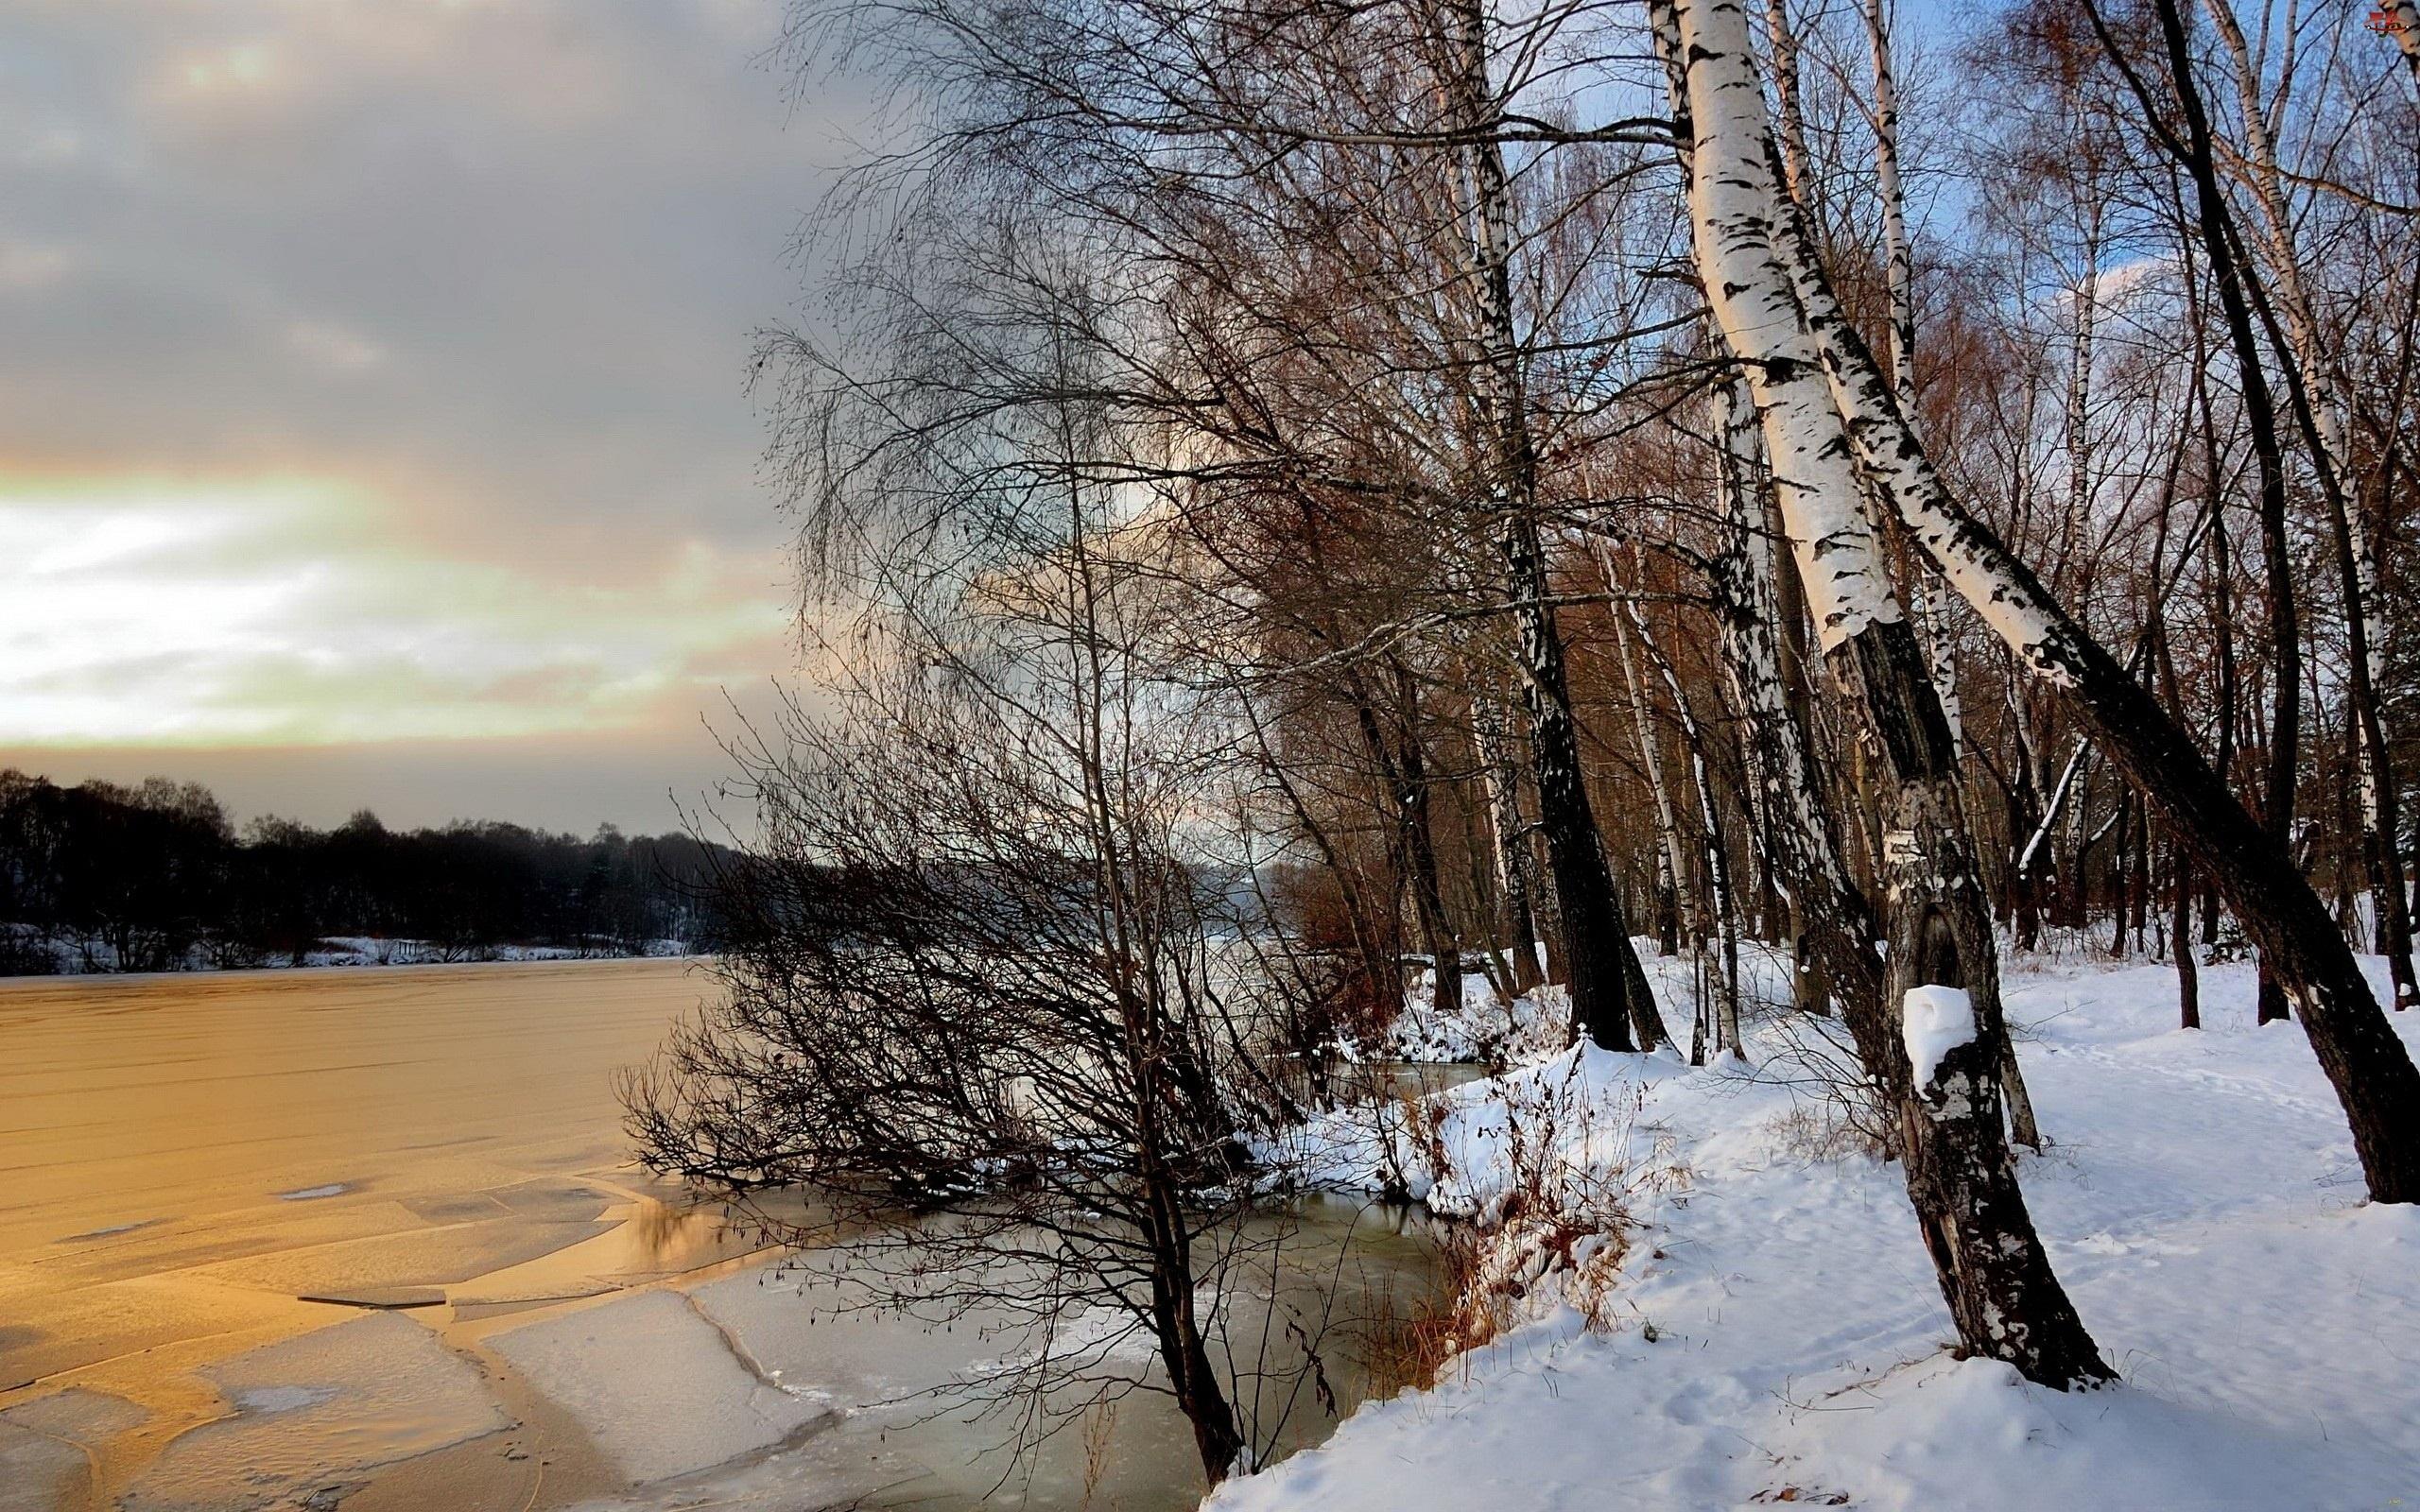 Brzozy, Kra, Śnieg, Rzeka